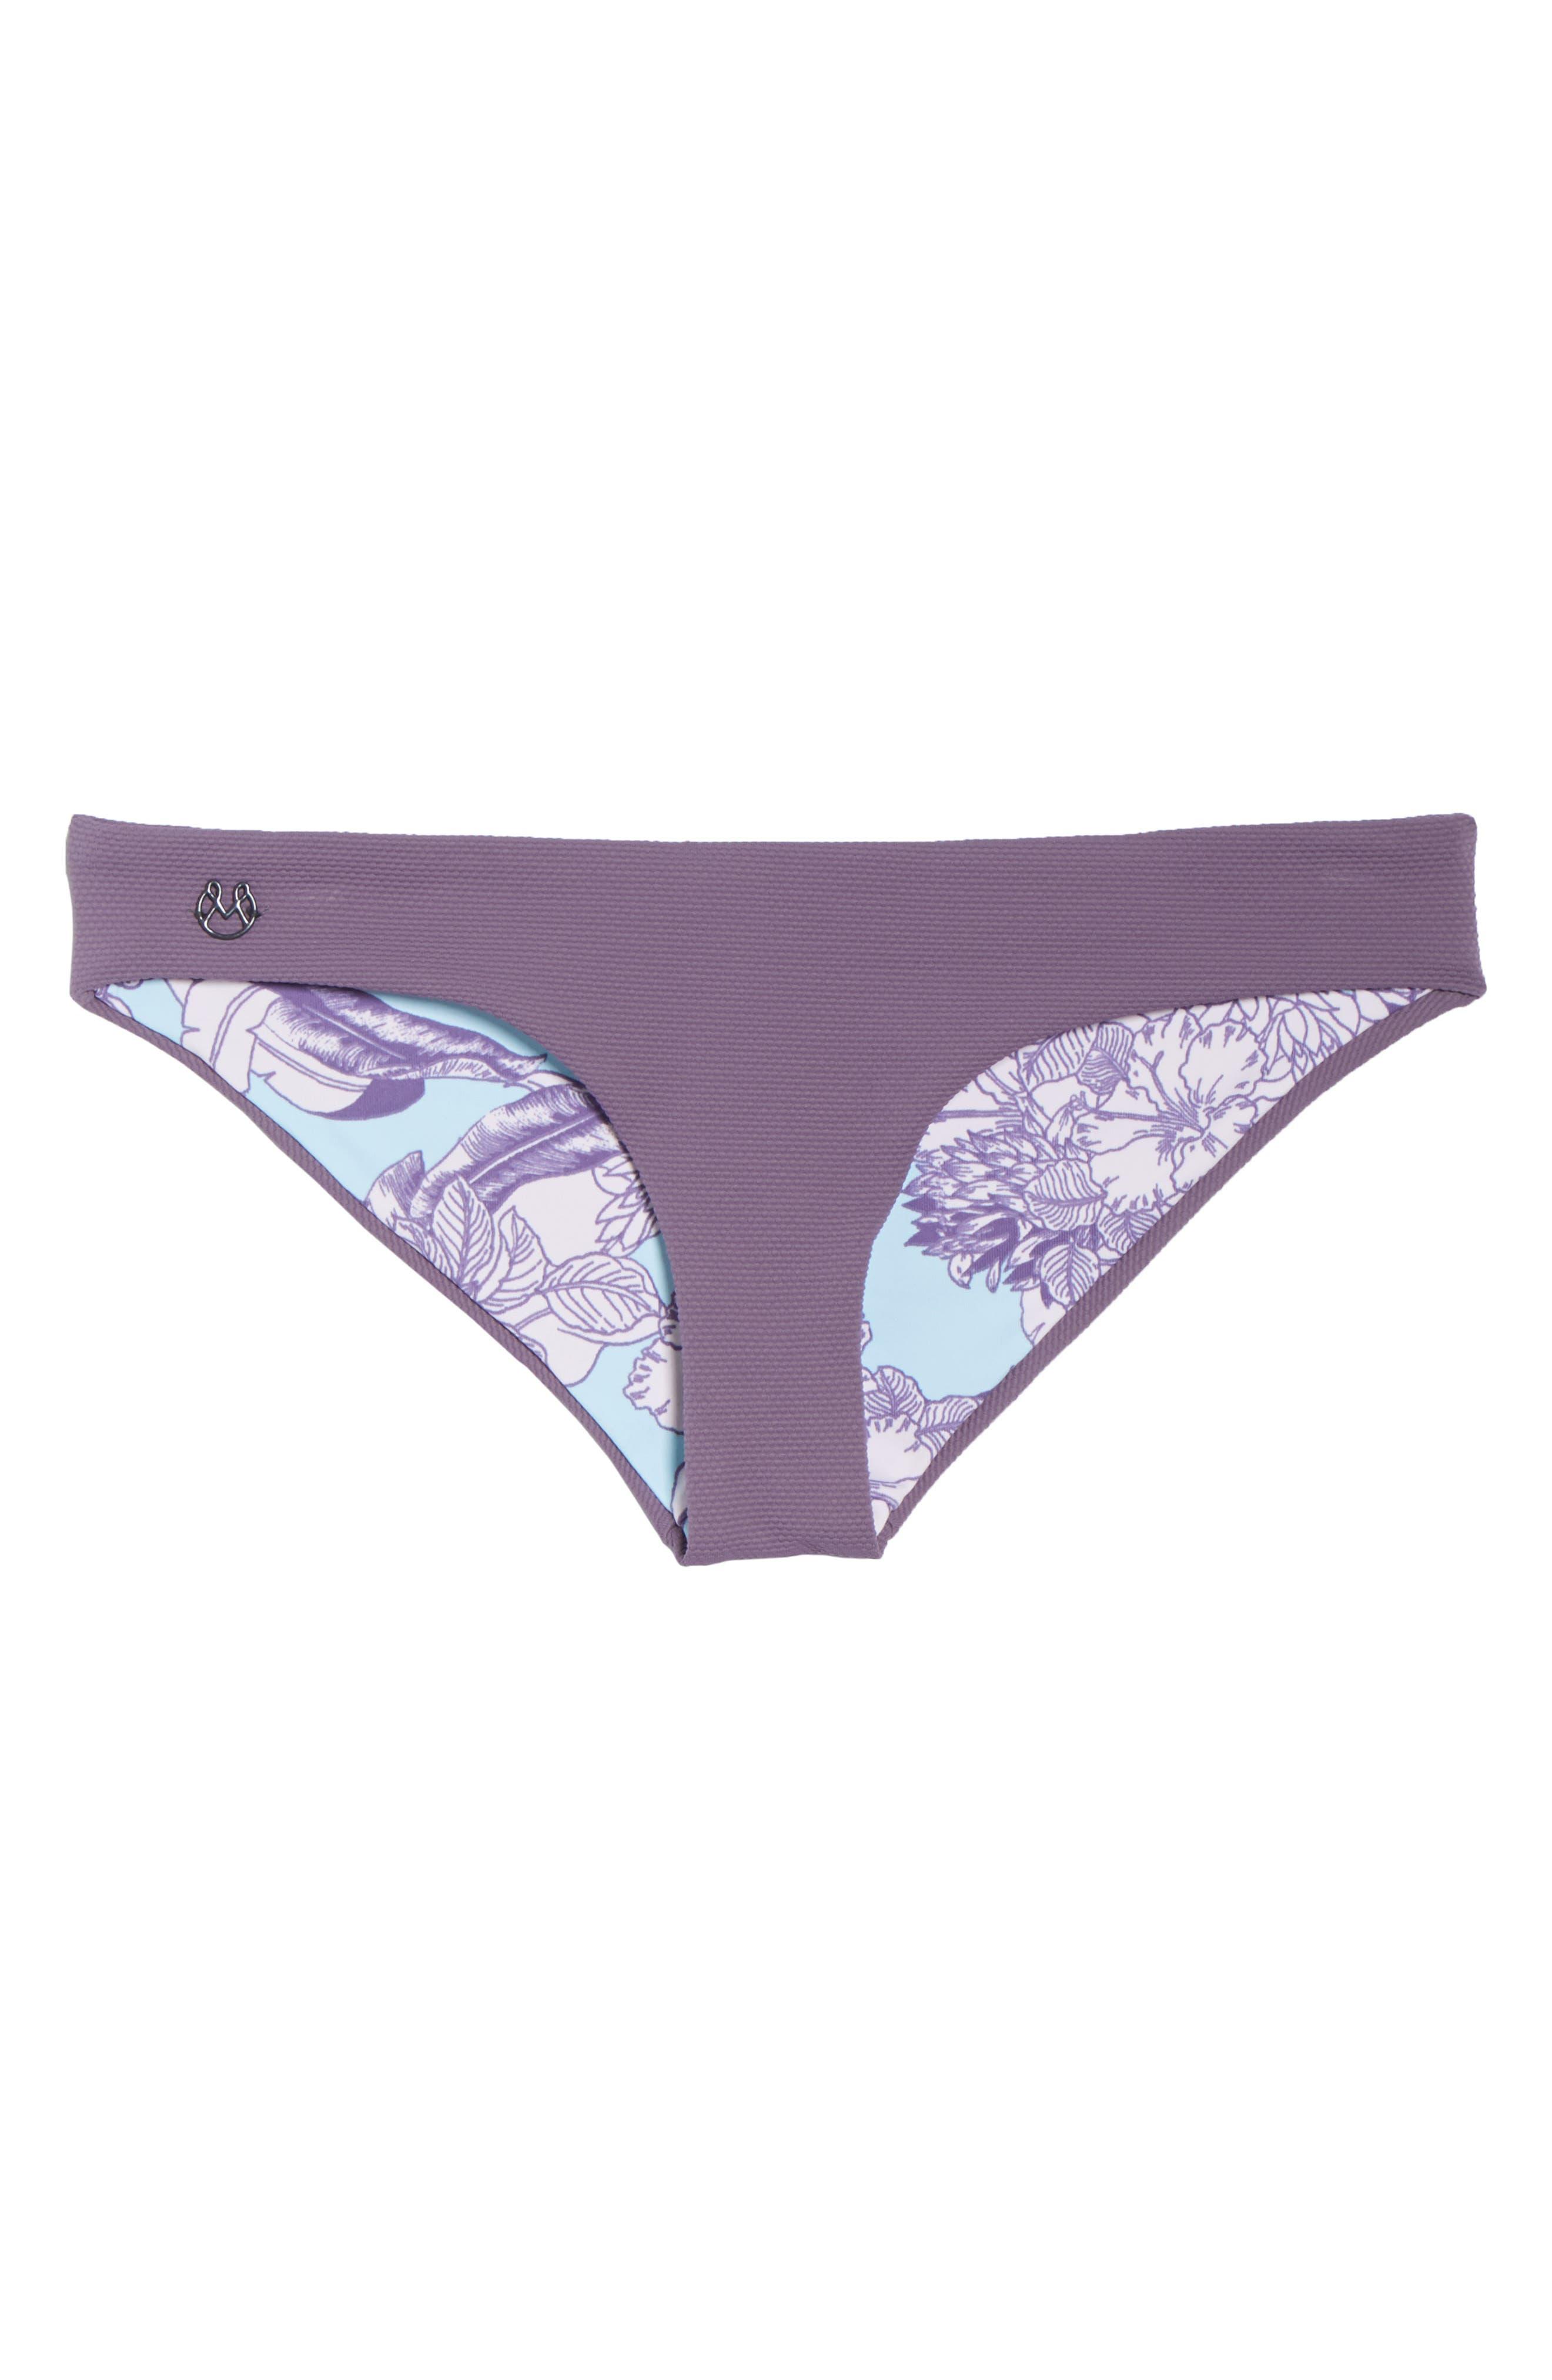 Purple Sage Sublime Signature Reversible Bikini Bottoms,                             Alternate thumbnail 7, color,